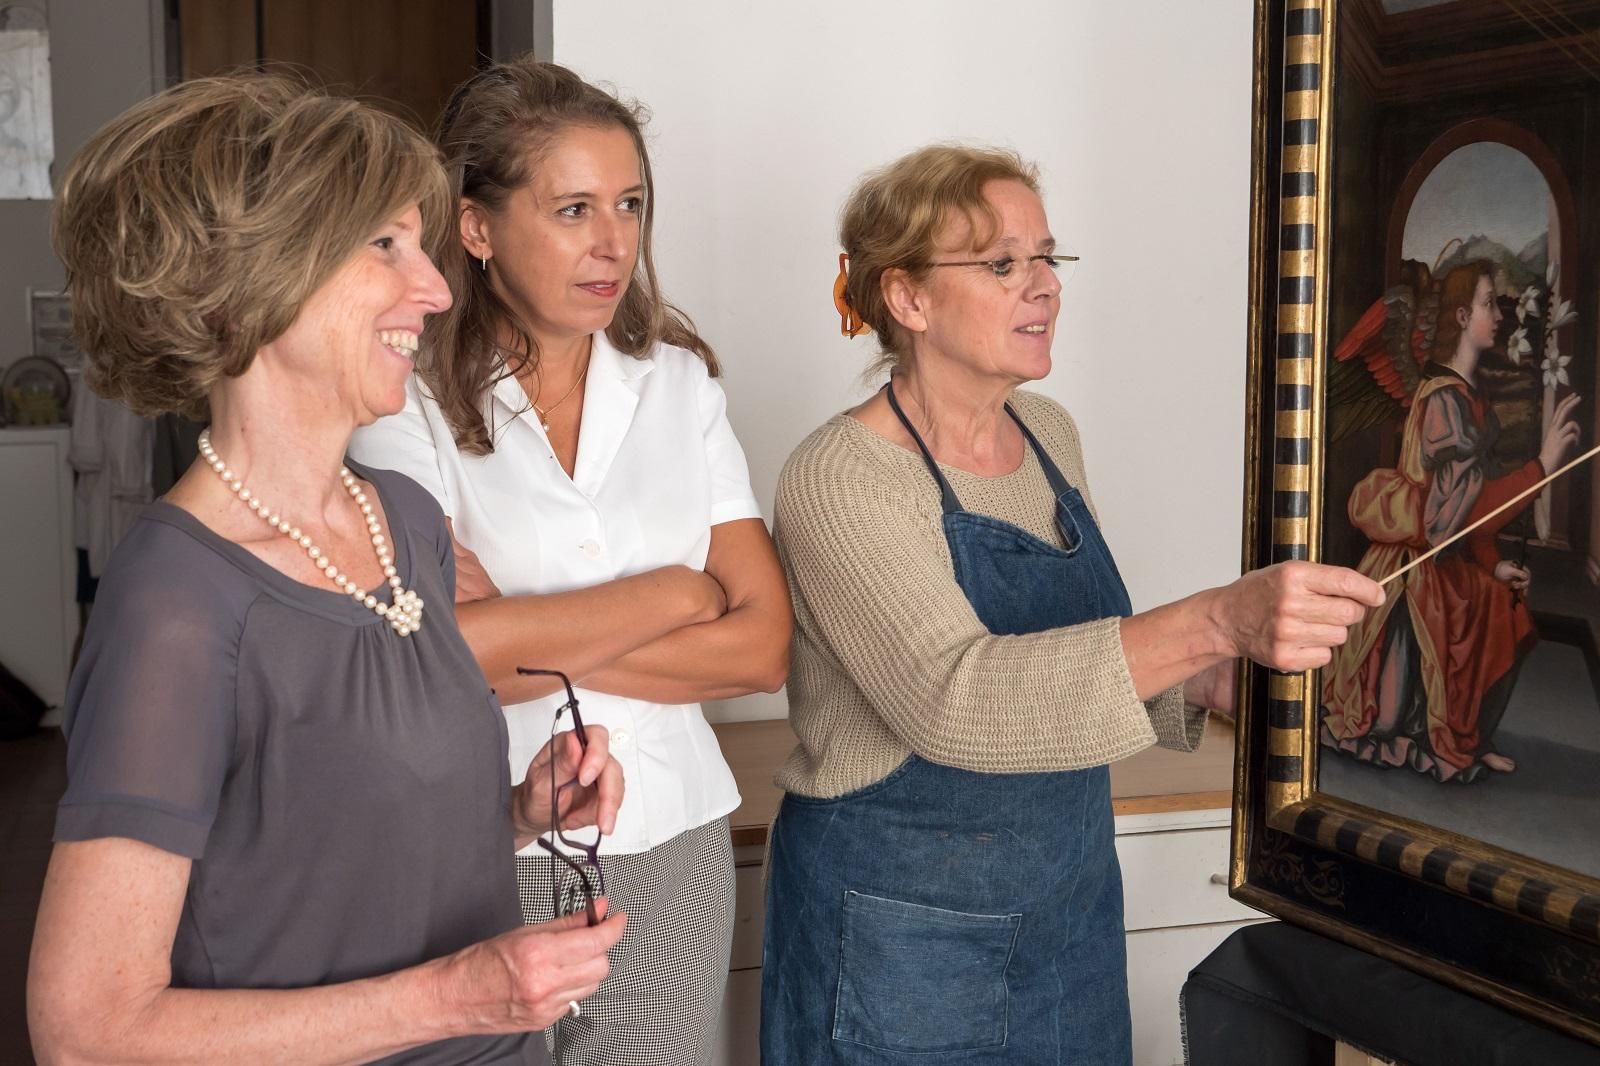 Museum curators Serena Pini and Jennifer Cellani with conservator Rossella Lari